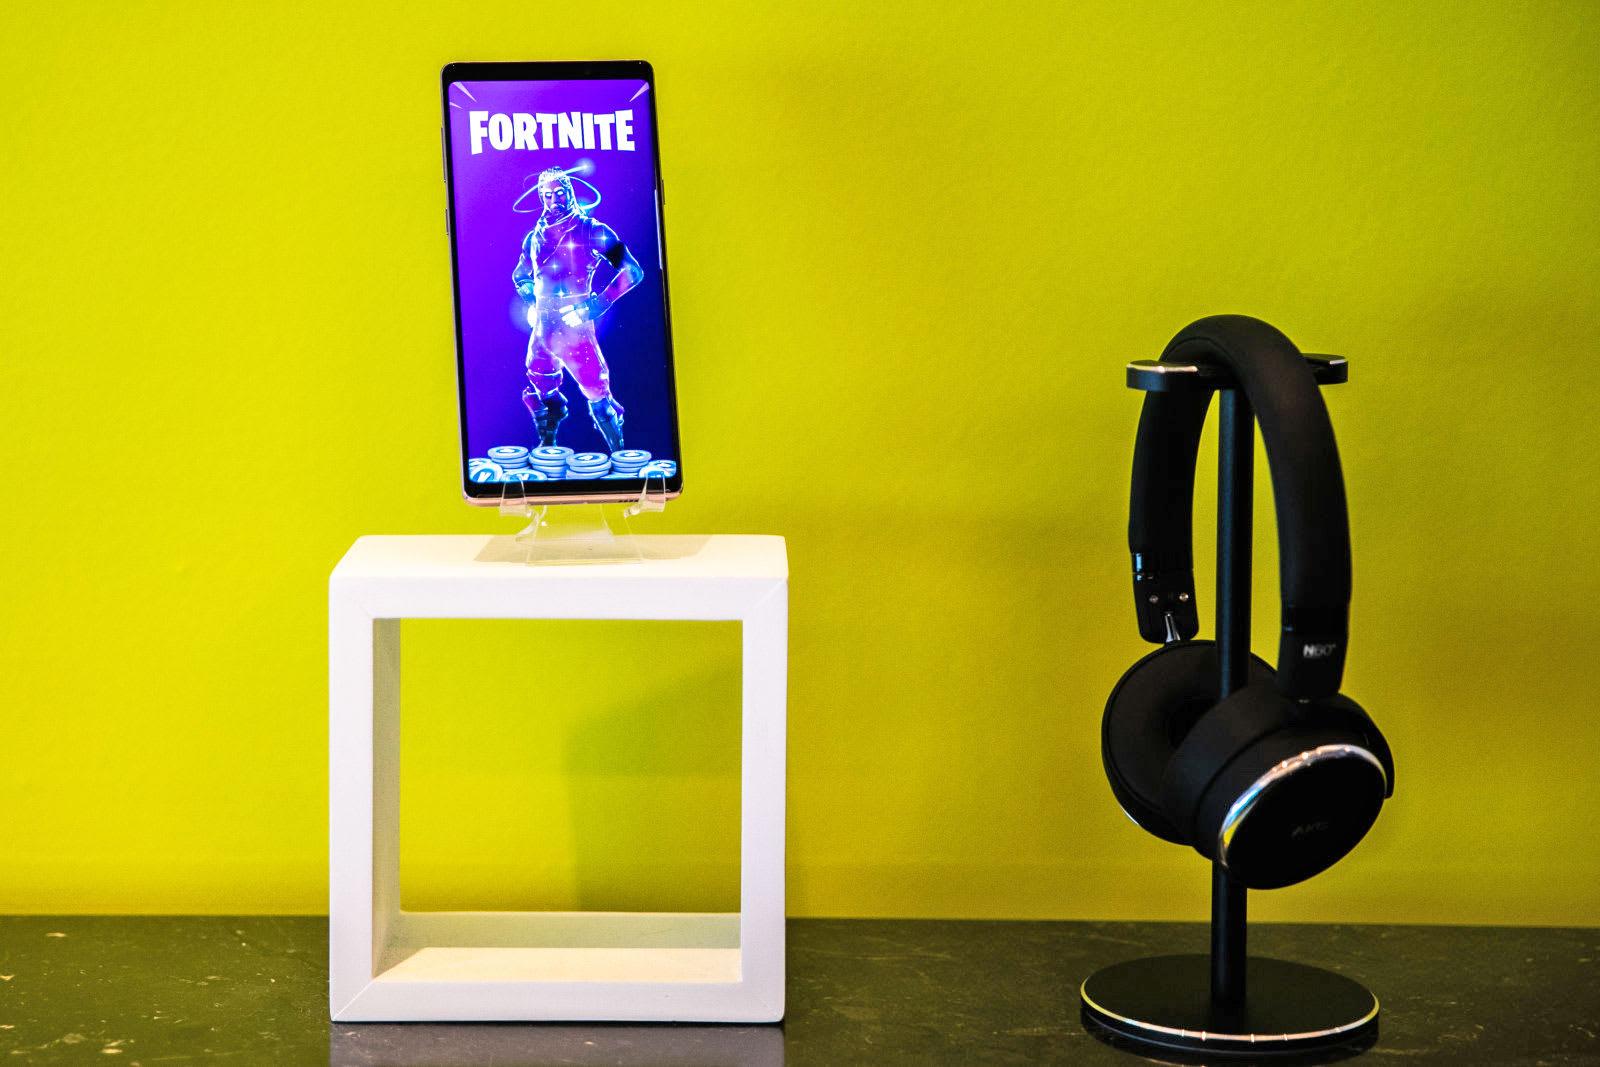 'Fortnite' Android beta invitations open to non-Samsung ...